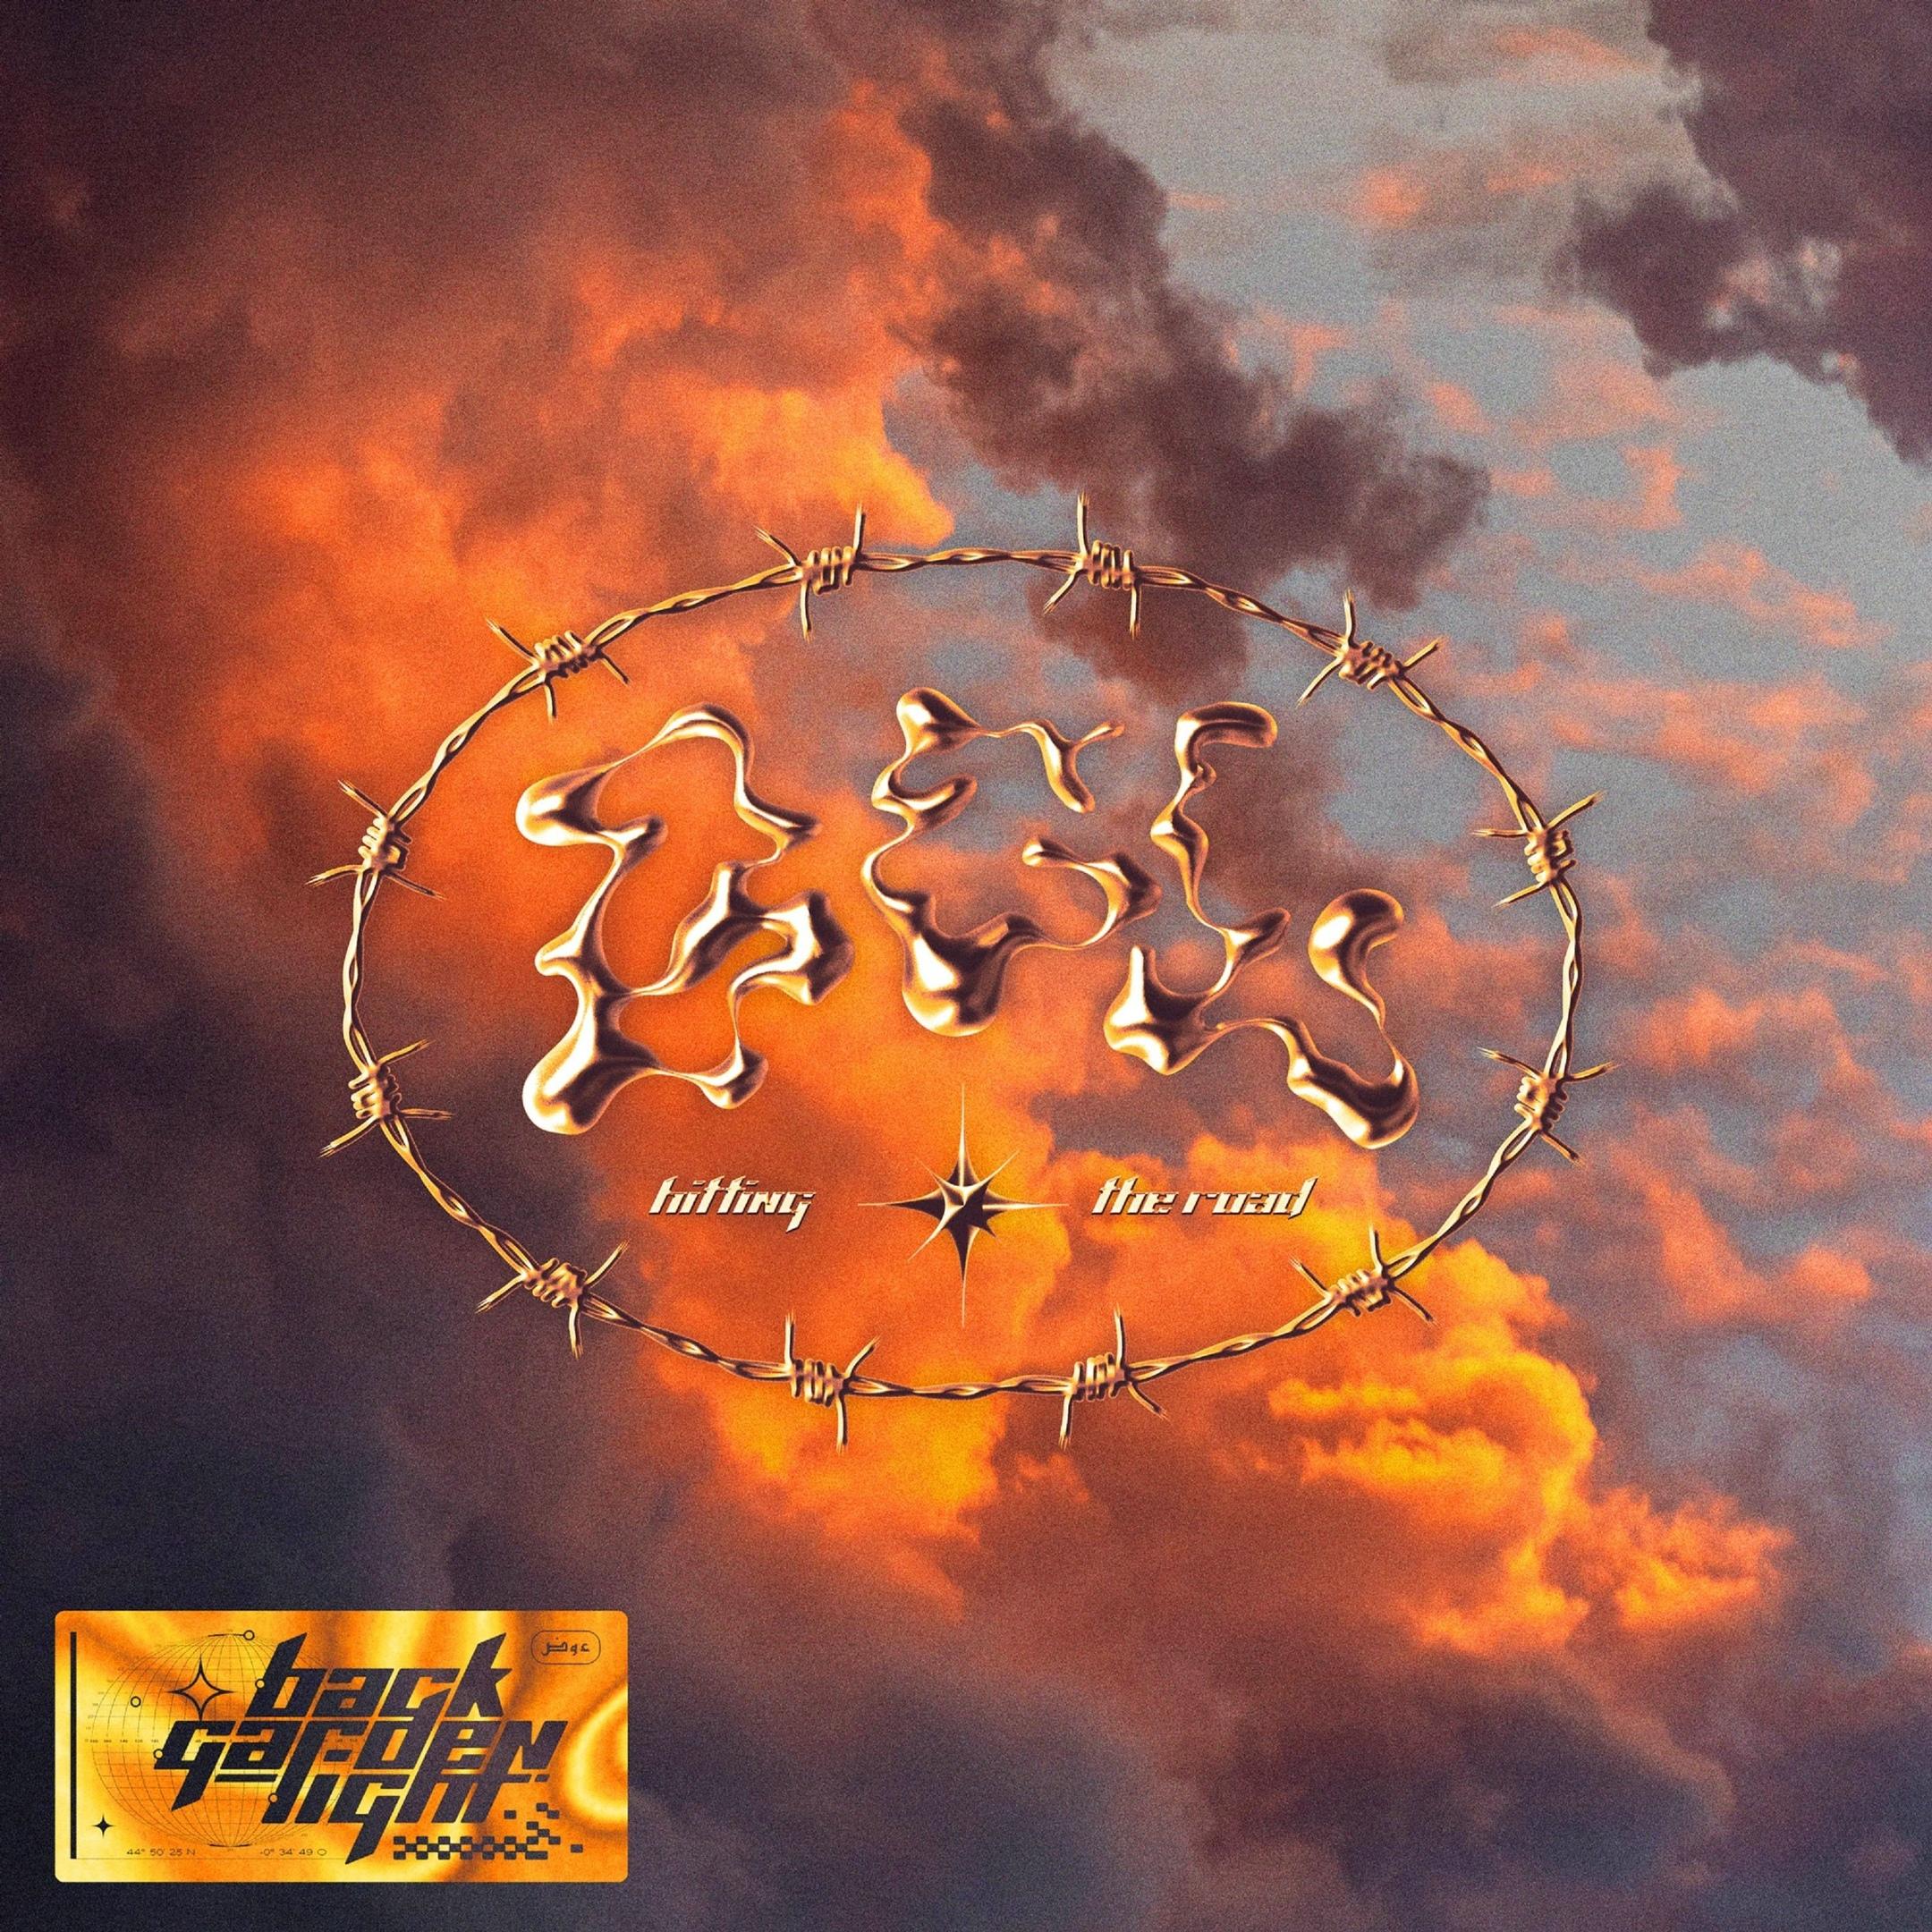 Back Garden Light - Hitting the Road [single] (2021)